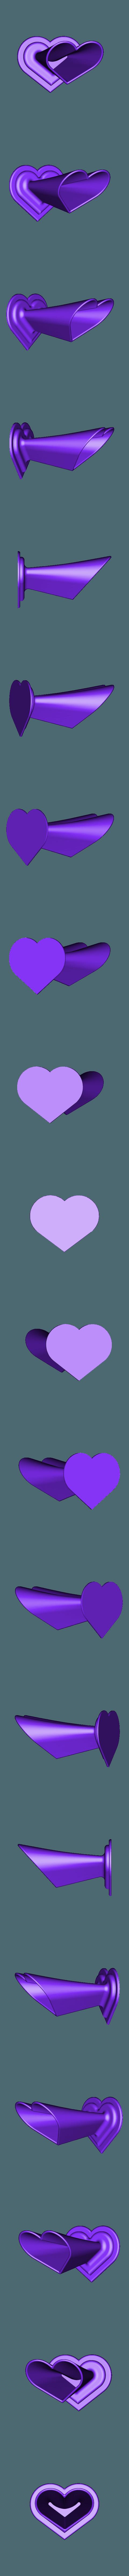 vase-coeur.stl Télécharger fichier STL gratuit Vase Coeur • Objet pour imprimante 3D, rfbat